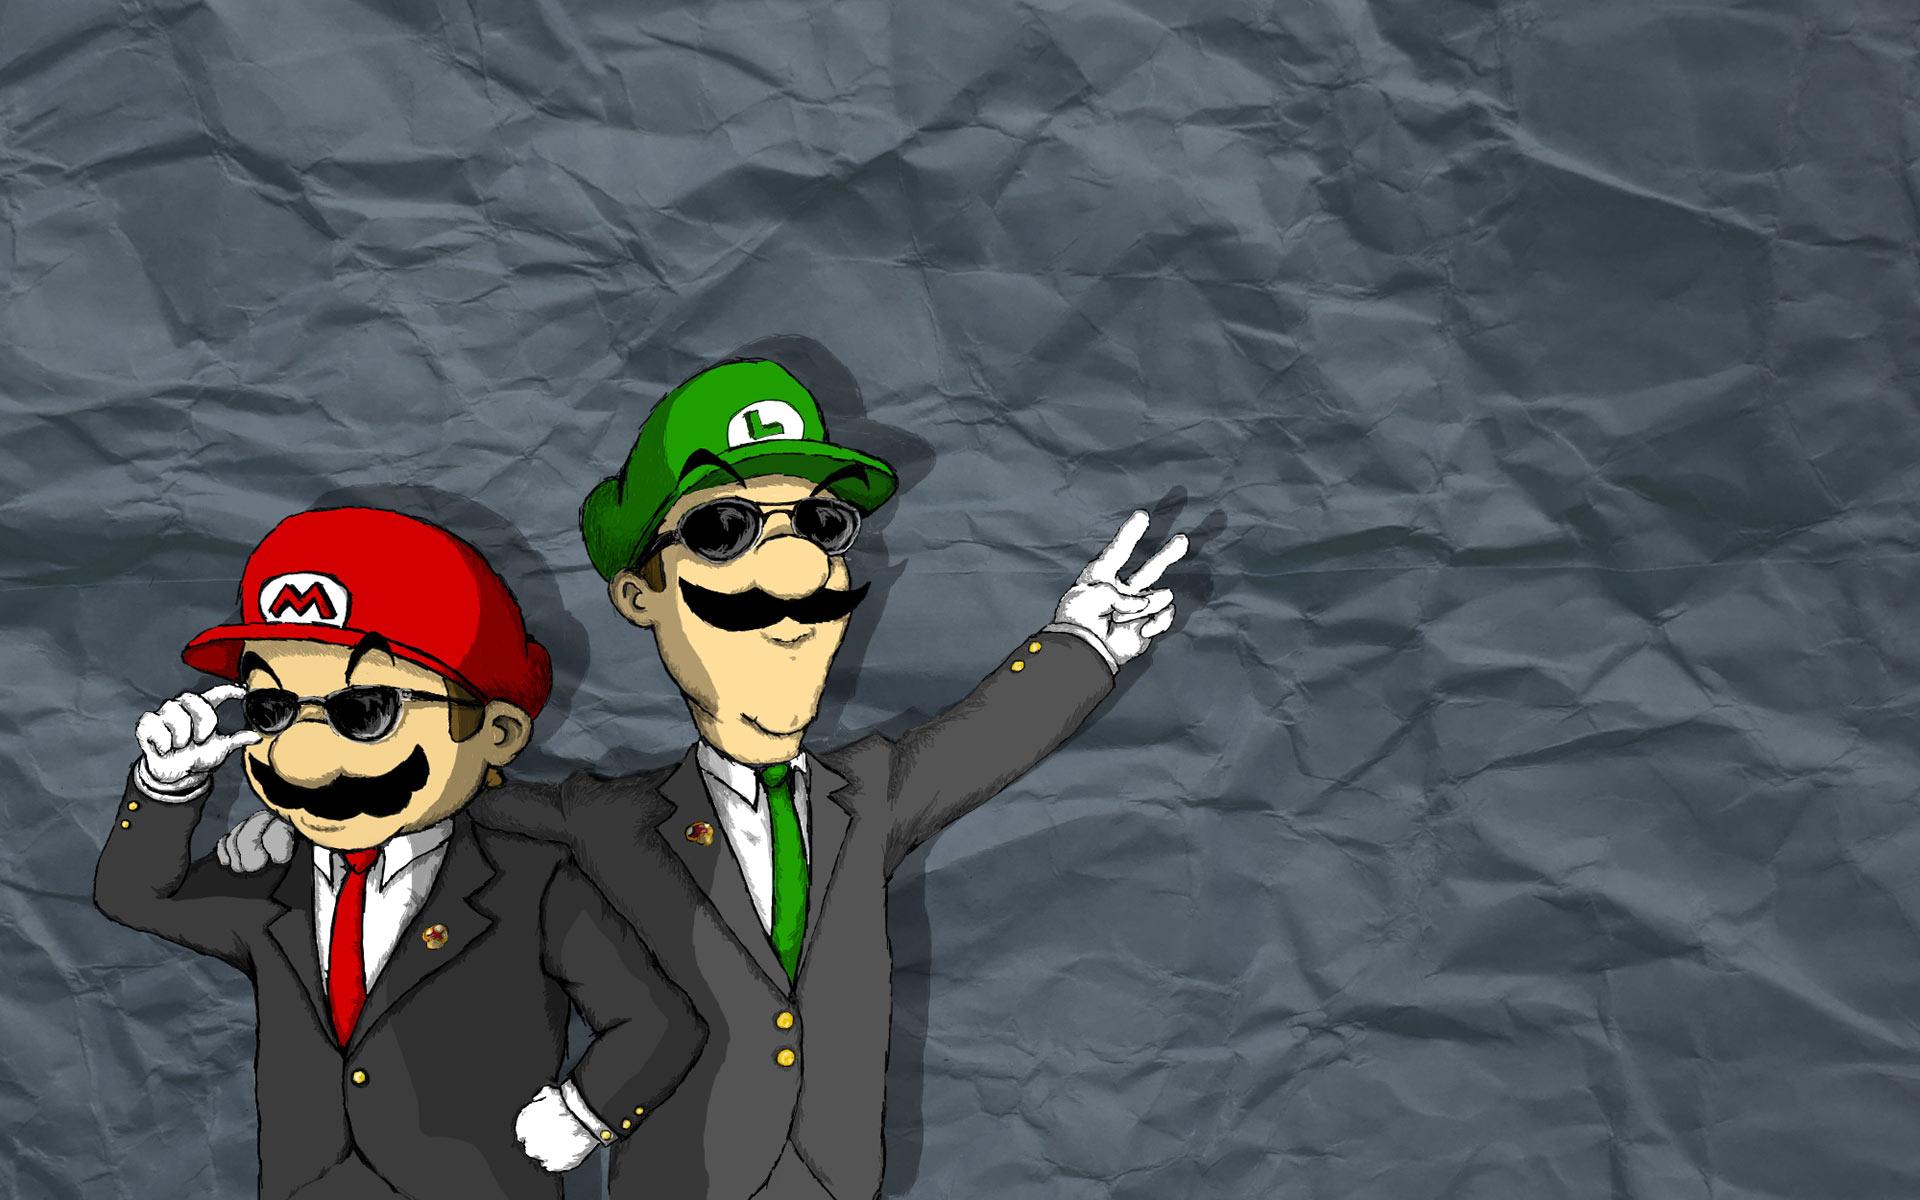 Badass Mario Backgrounds wallpaper wallpaper hd background desktop 1920x1200